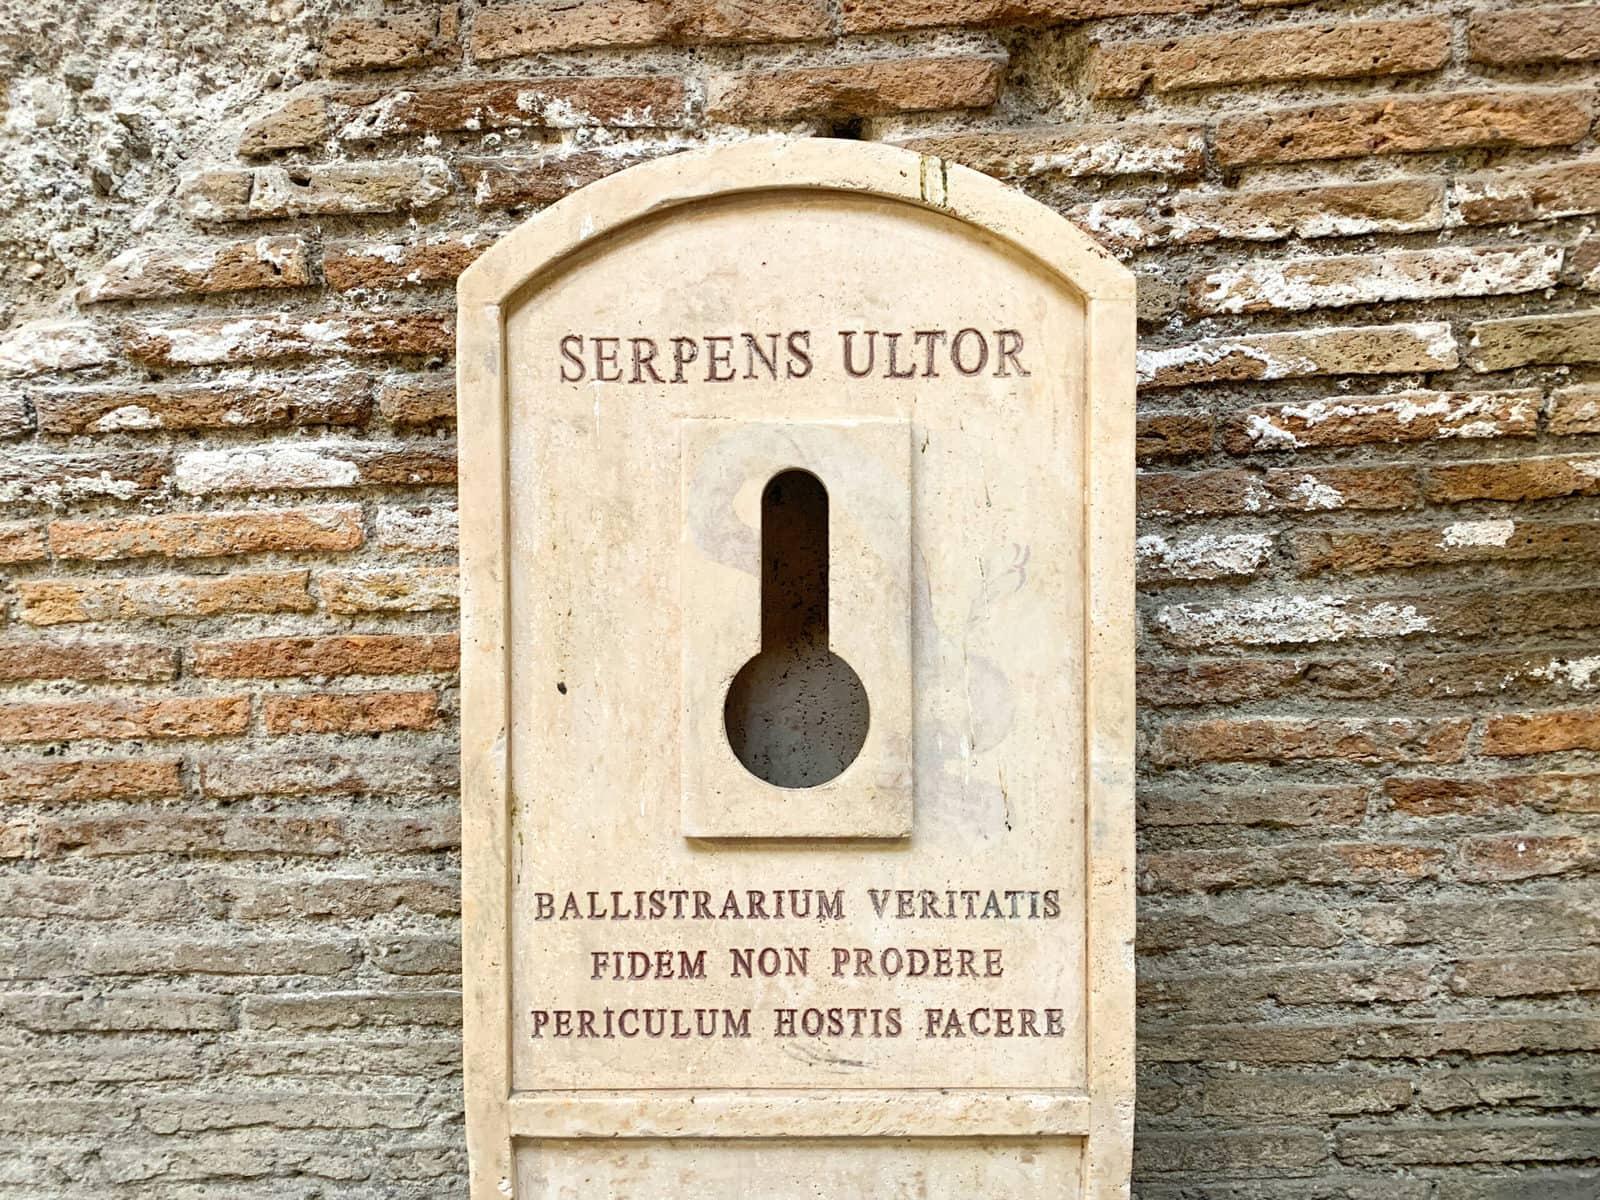 Stadion des Domitian, Rom: Wie die Bocca della Verita verrät dieses Loch, wer die Wahrheit sagt...